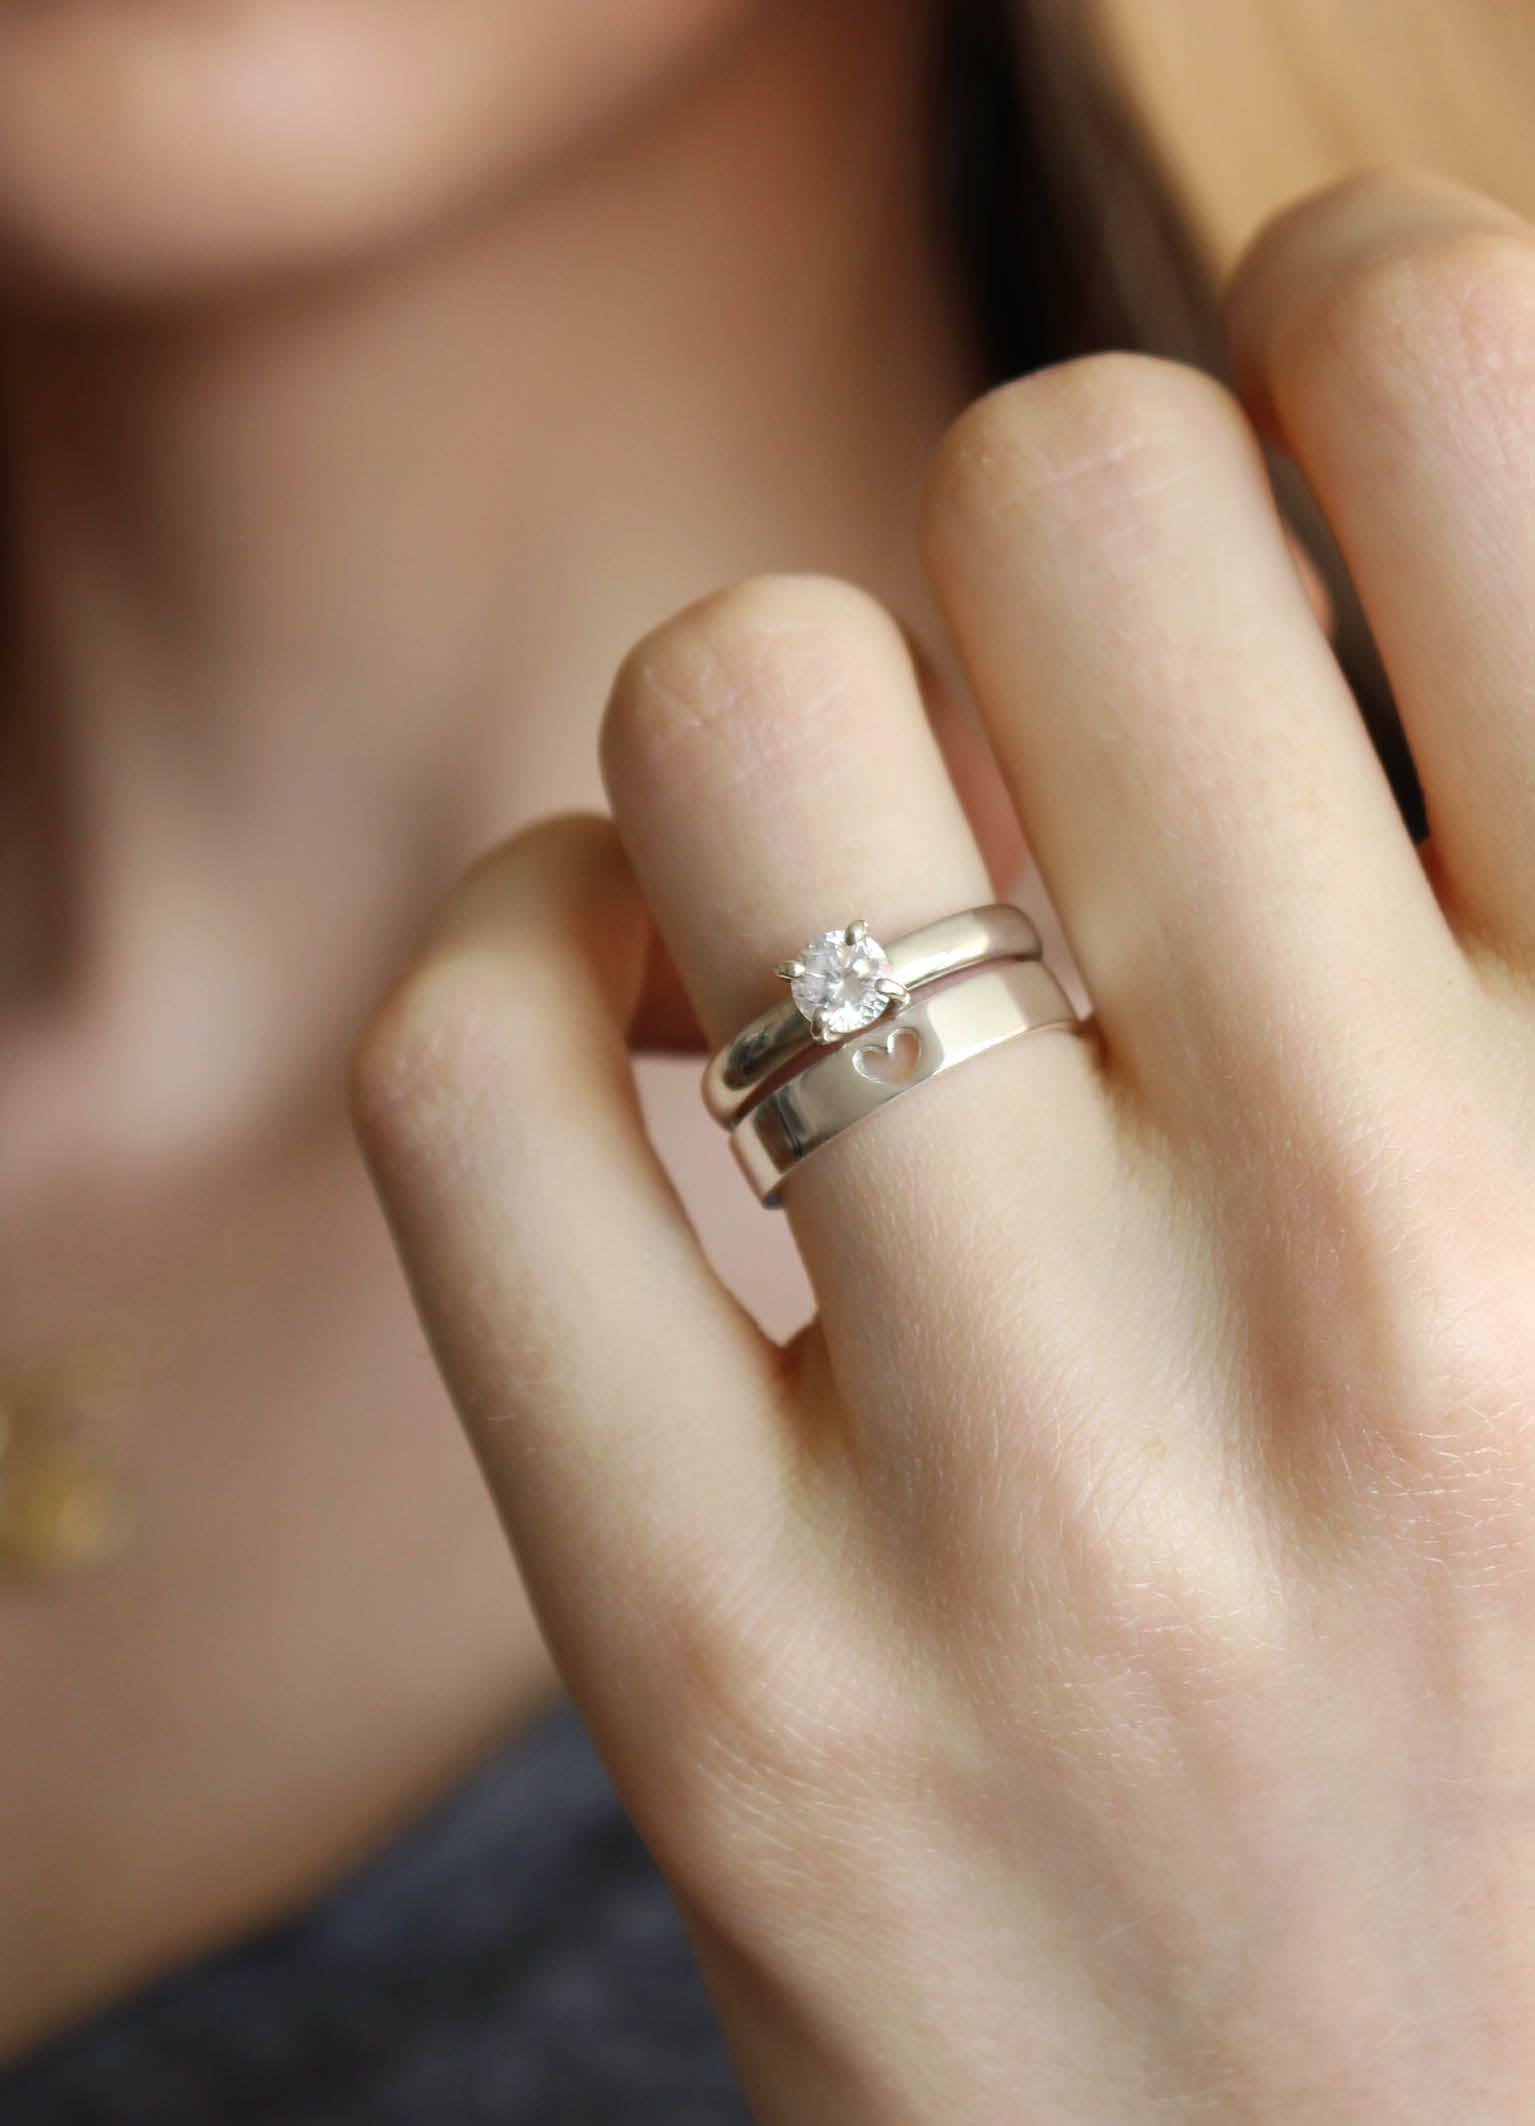 Lindas alianças de noivado e casamento feitas à mão em ouro branco. As joias  também podem ser feitas em ouro amarelo e rosé. 6c60346c66